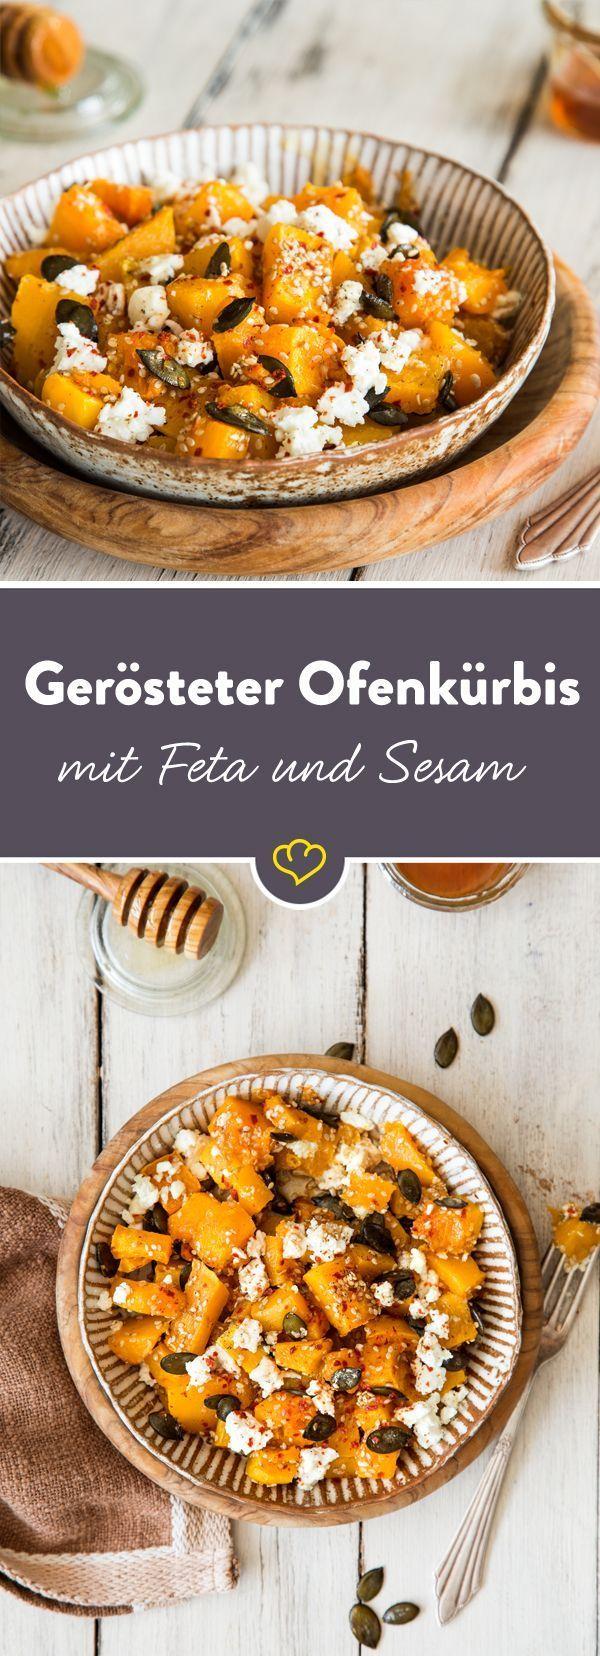 Herbst vom Blech: Gerösteter Ofenkürbis mit Feta und Sesam -